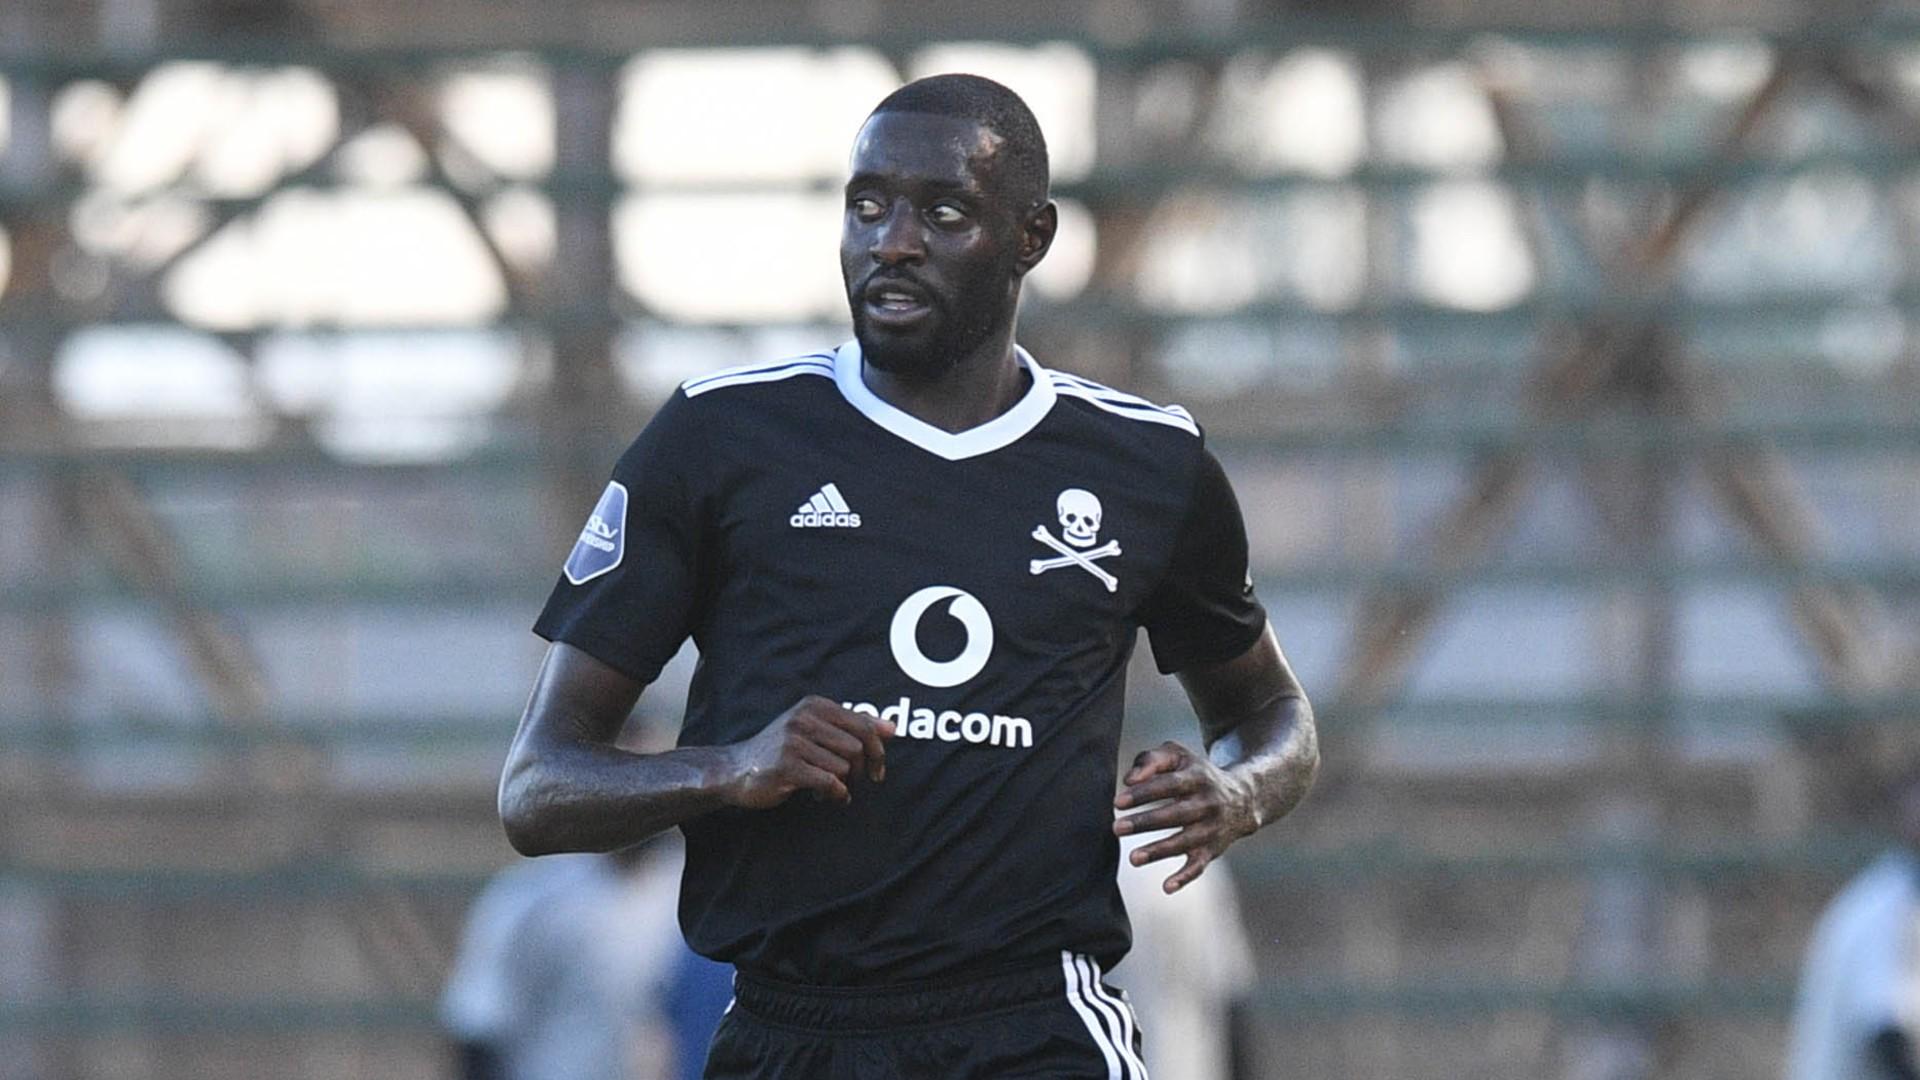 Orlando Pirates' starting XI against Mamelodi Sundowns: Hotto and Dzvukamanja return